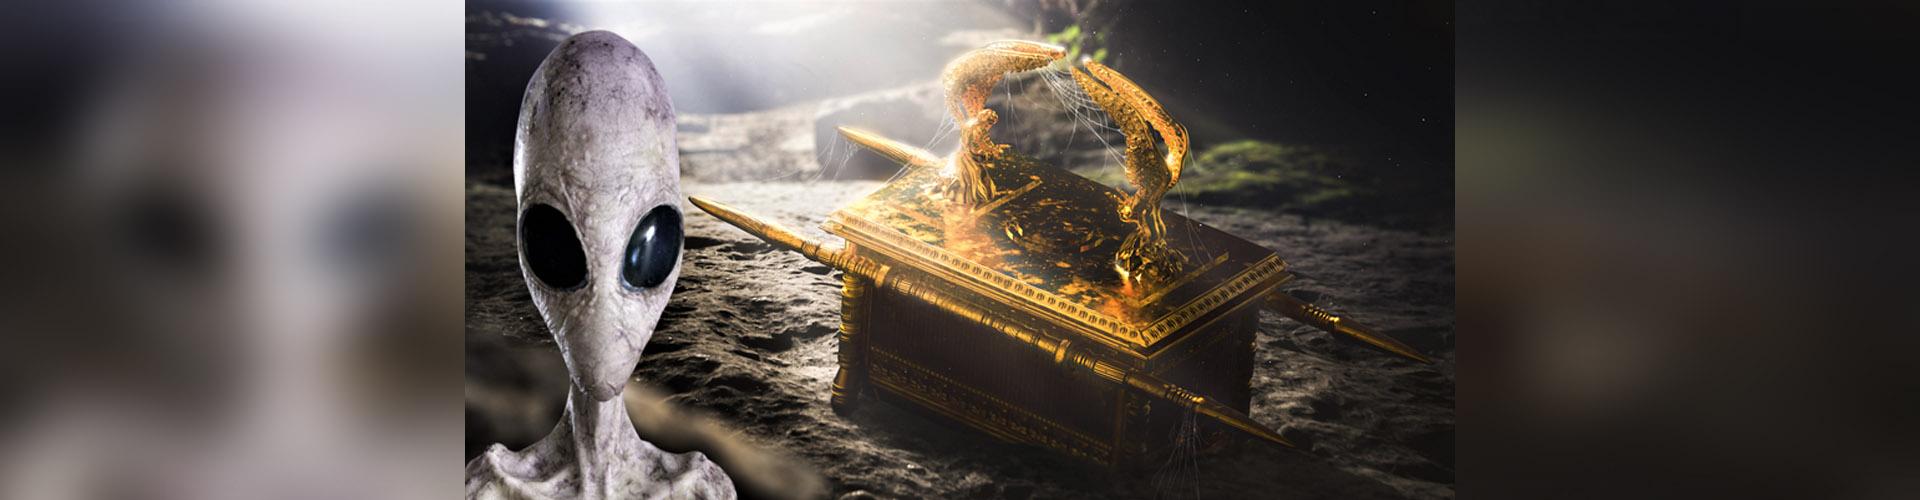 (VIDEO) El Arca de la Alianza: ¿Tecnología extraterrestre avanzada?